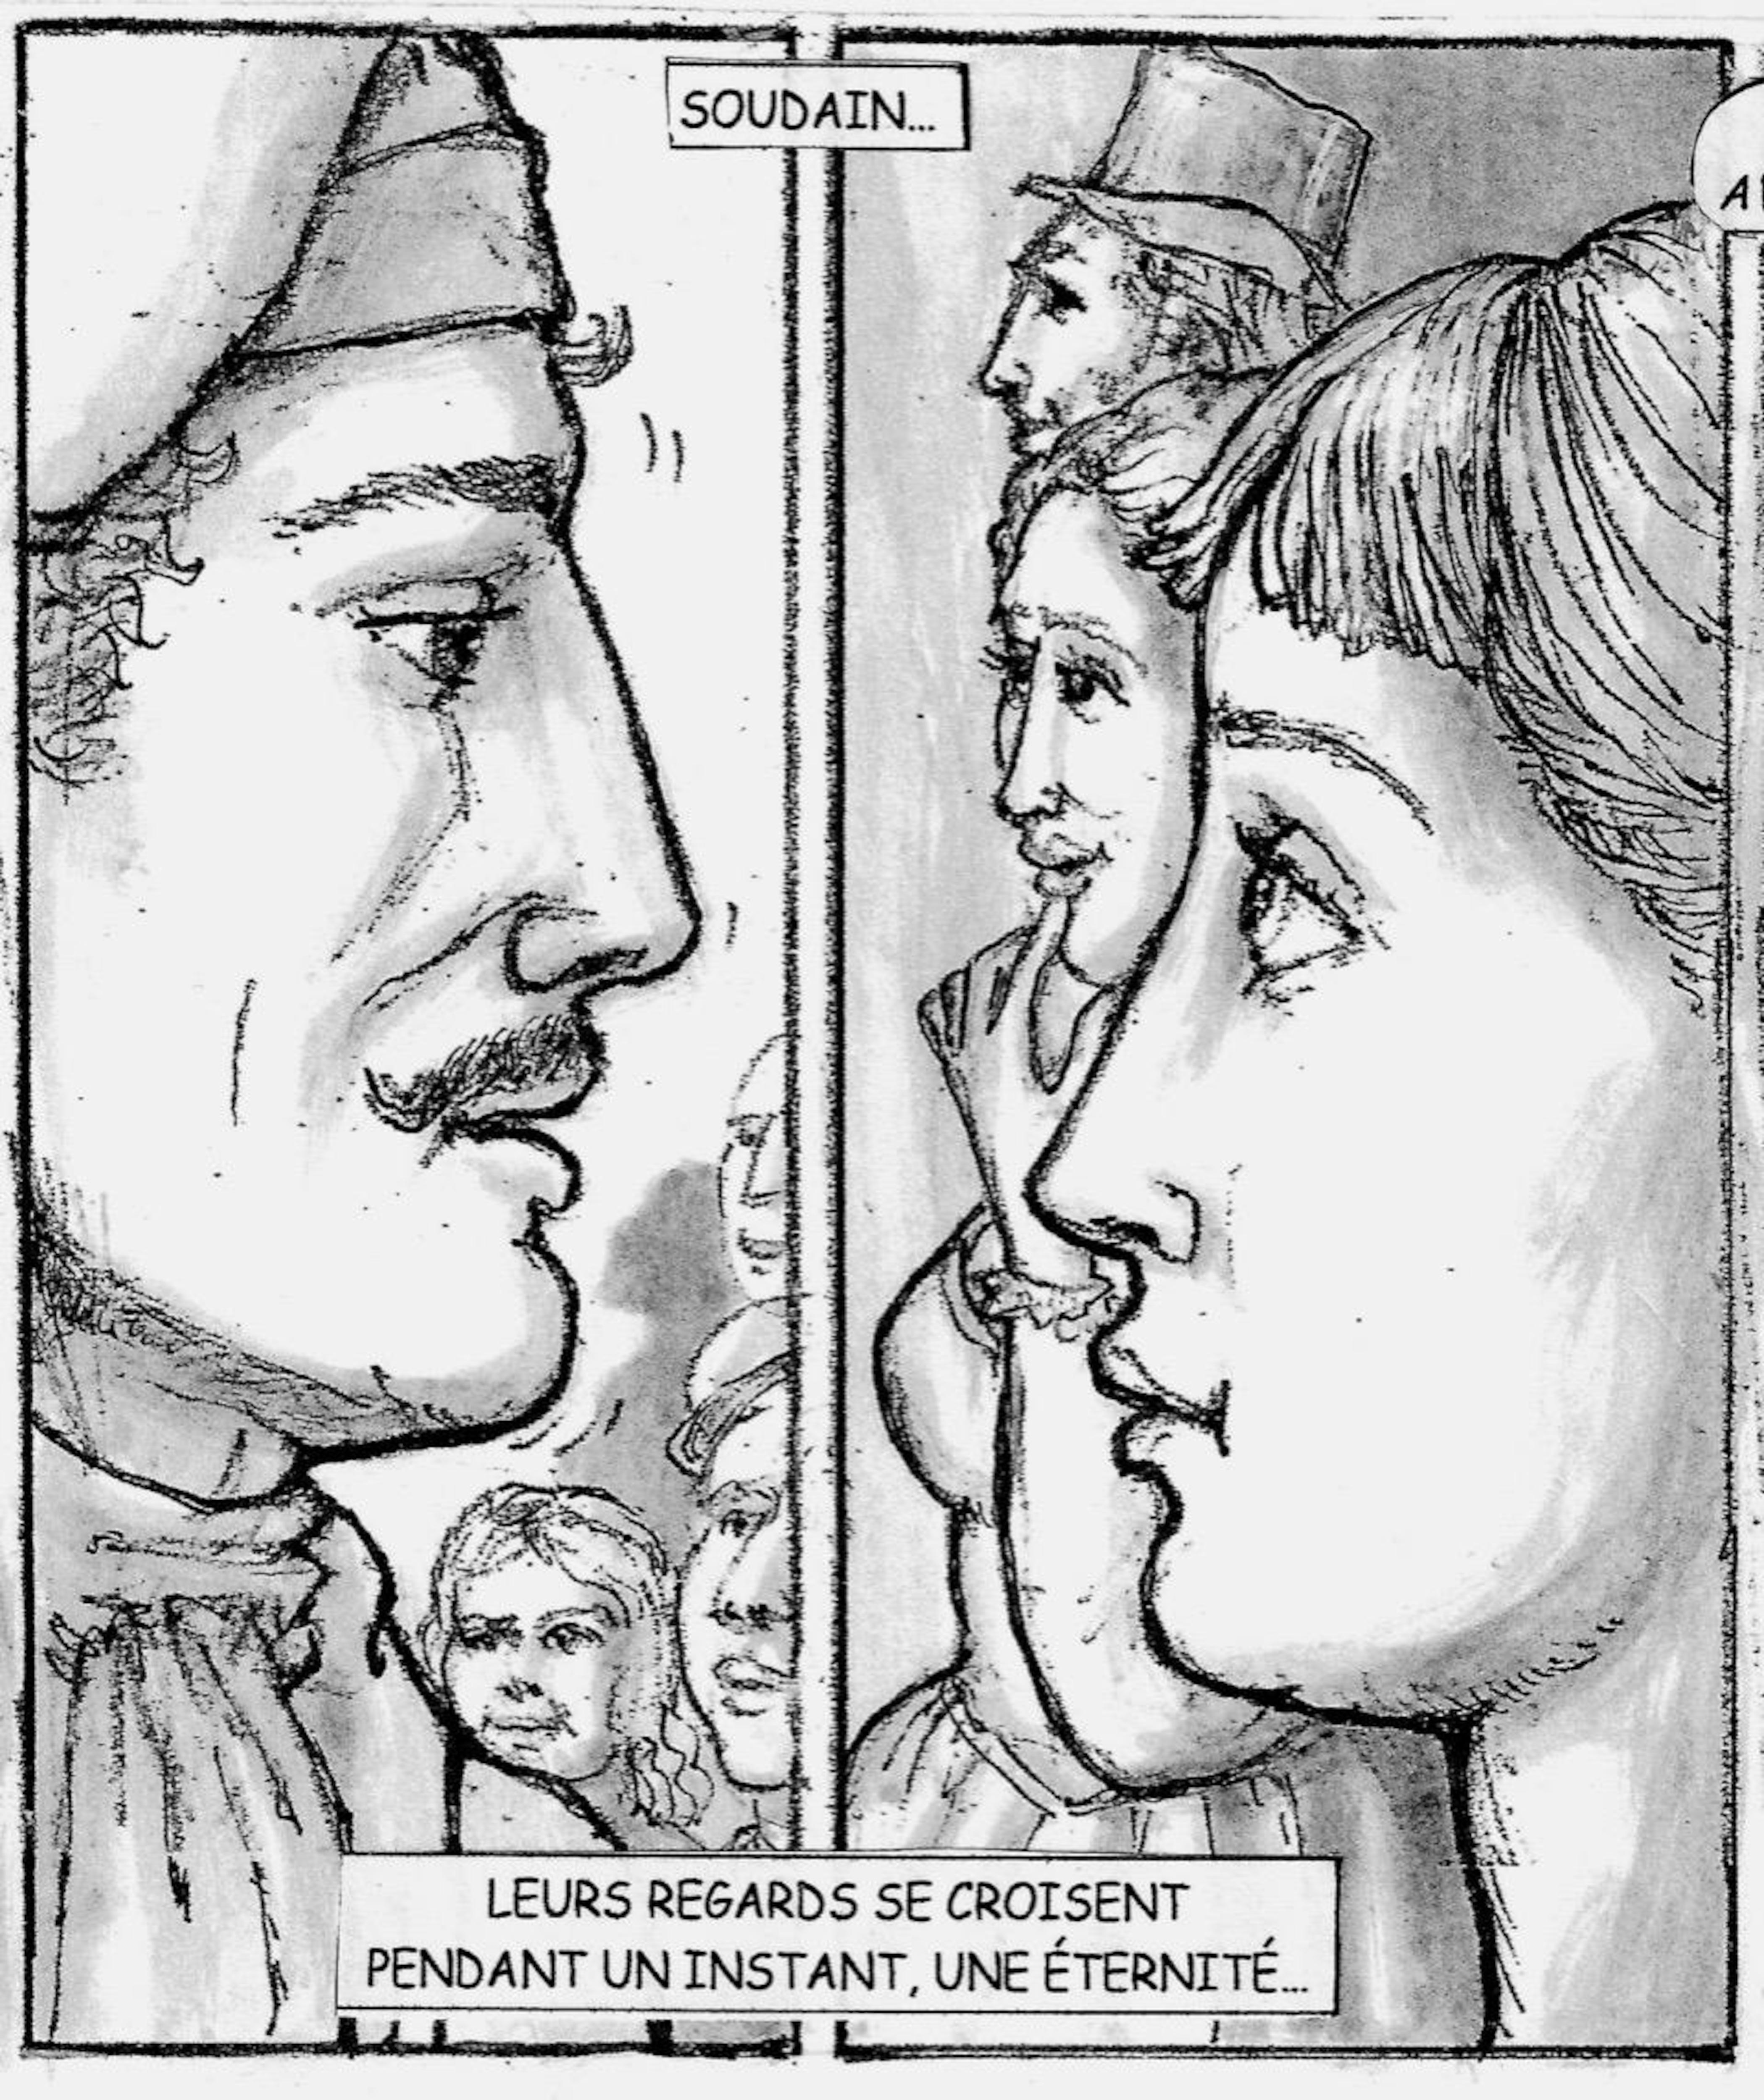 Planches de la prochaine bande dessinée de Robert Freynet.